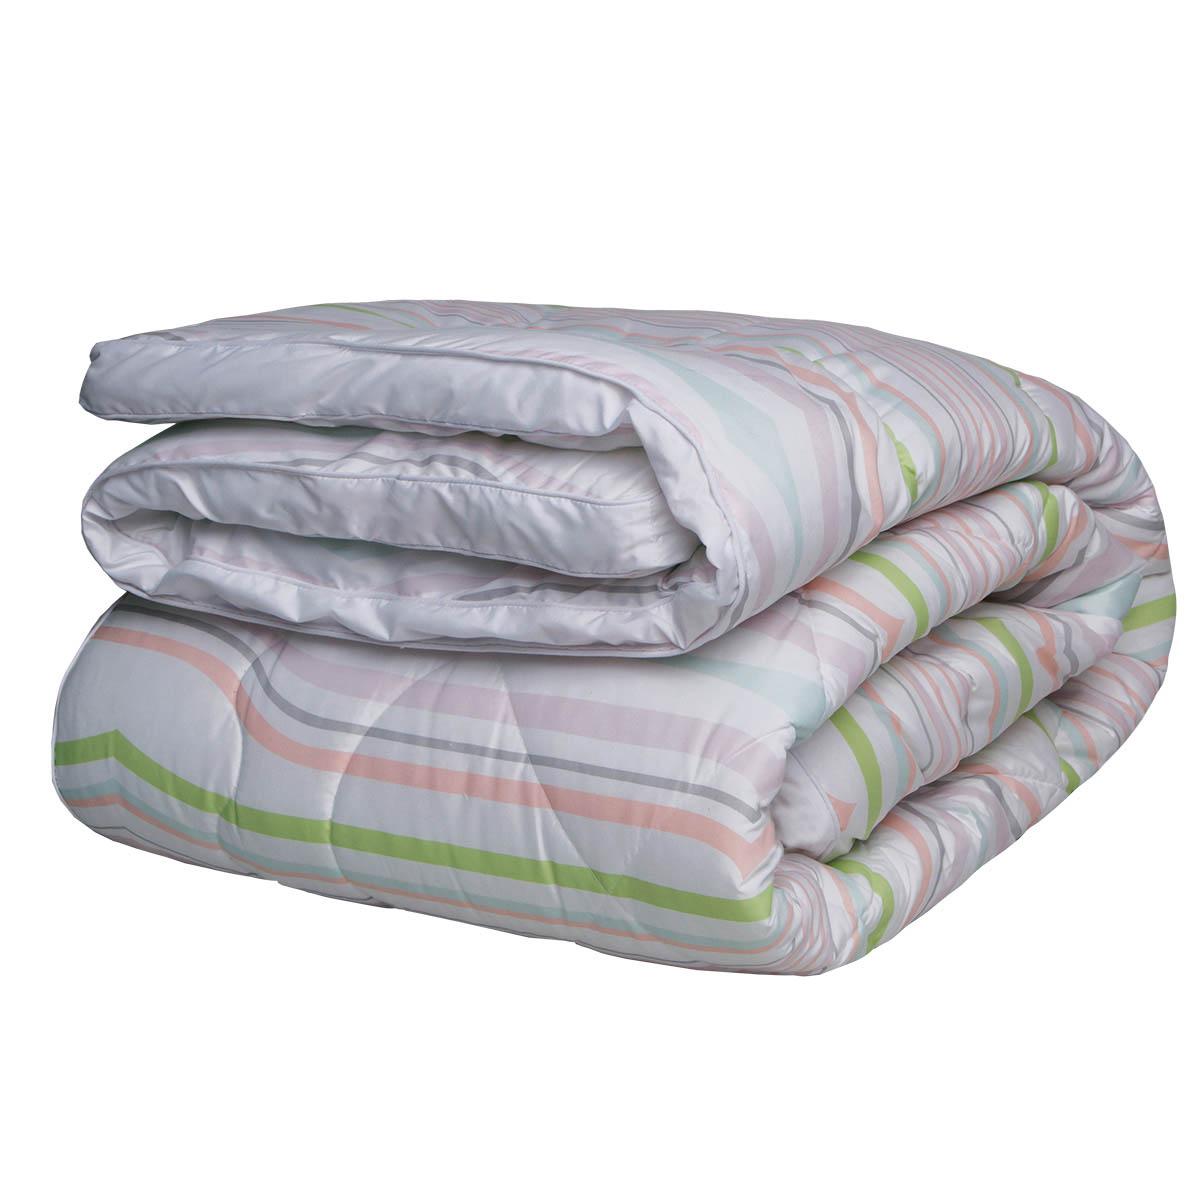 где купить Одеяла Mona Liza Одеяло Secret Gardens Всесезонное (140х205 см) по лучшей цене